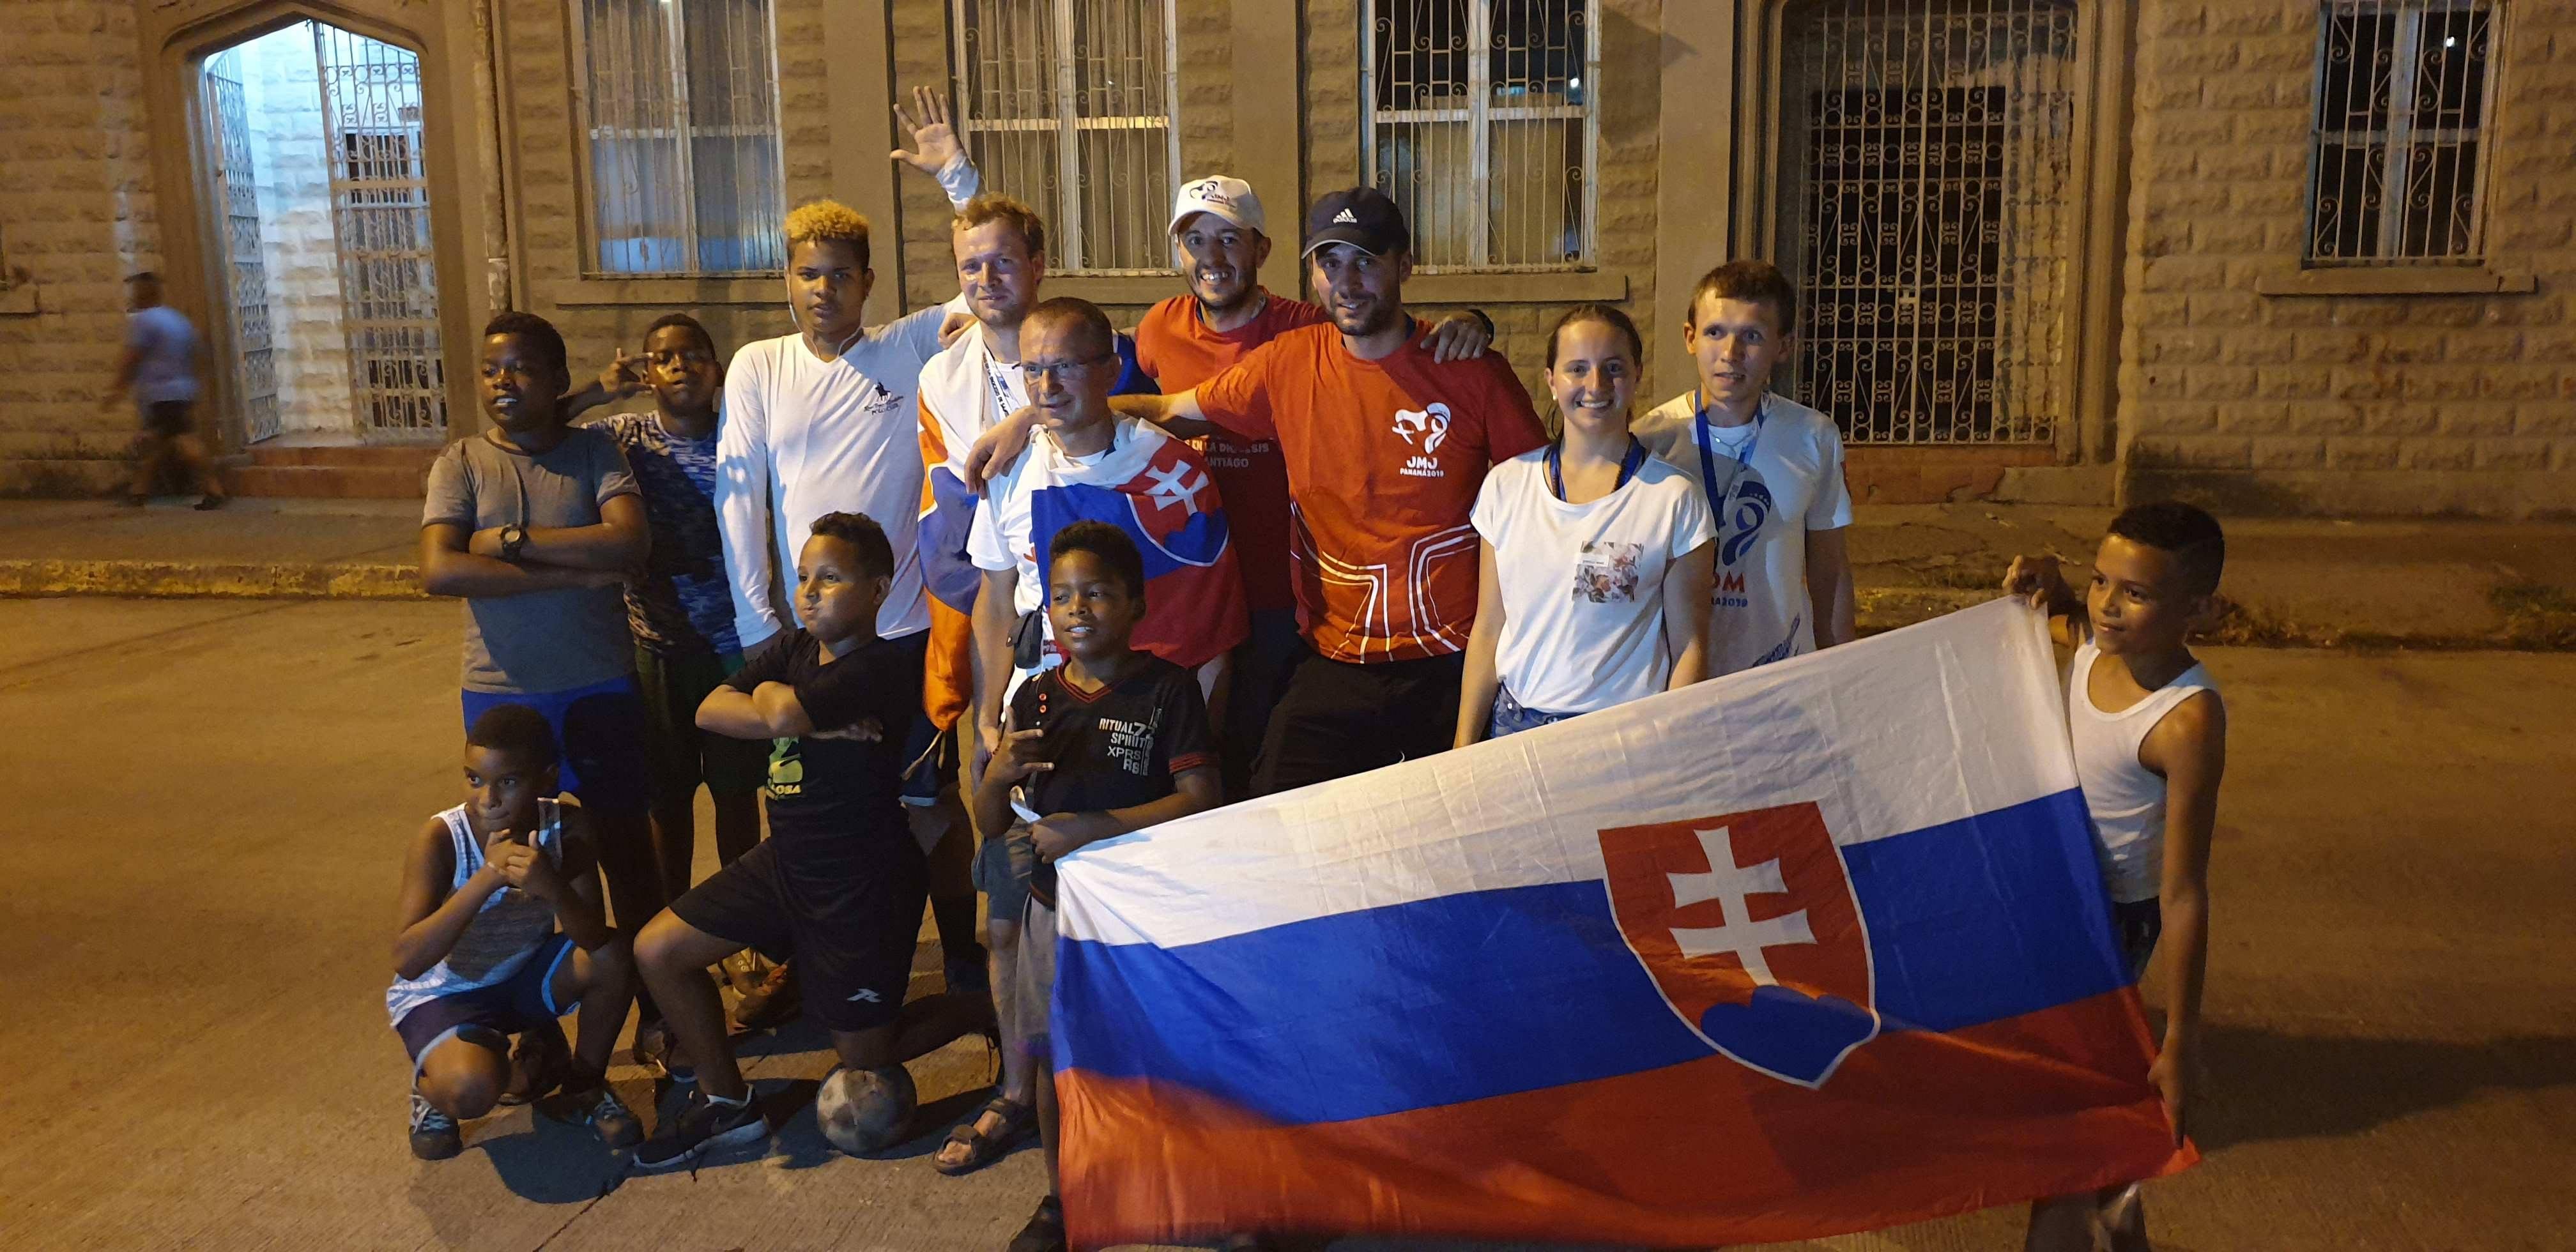 Záverečná fotografia po futbalovom zápase s panamskými chlapcami priamo na ulici